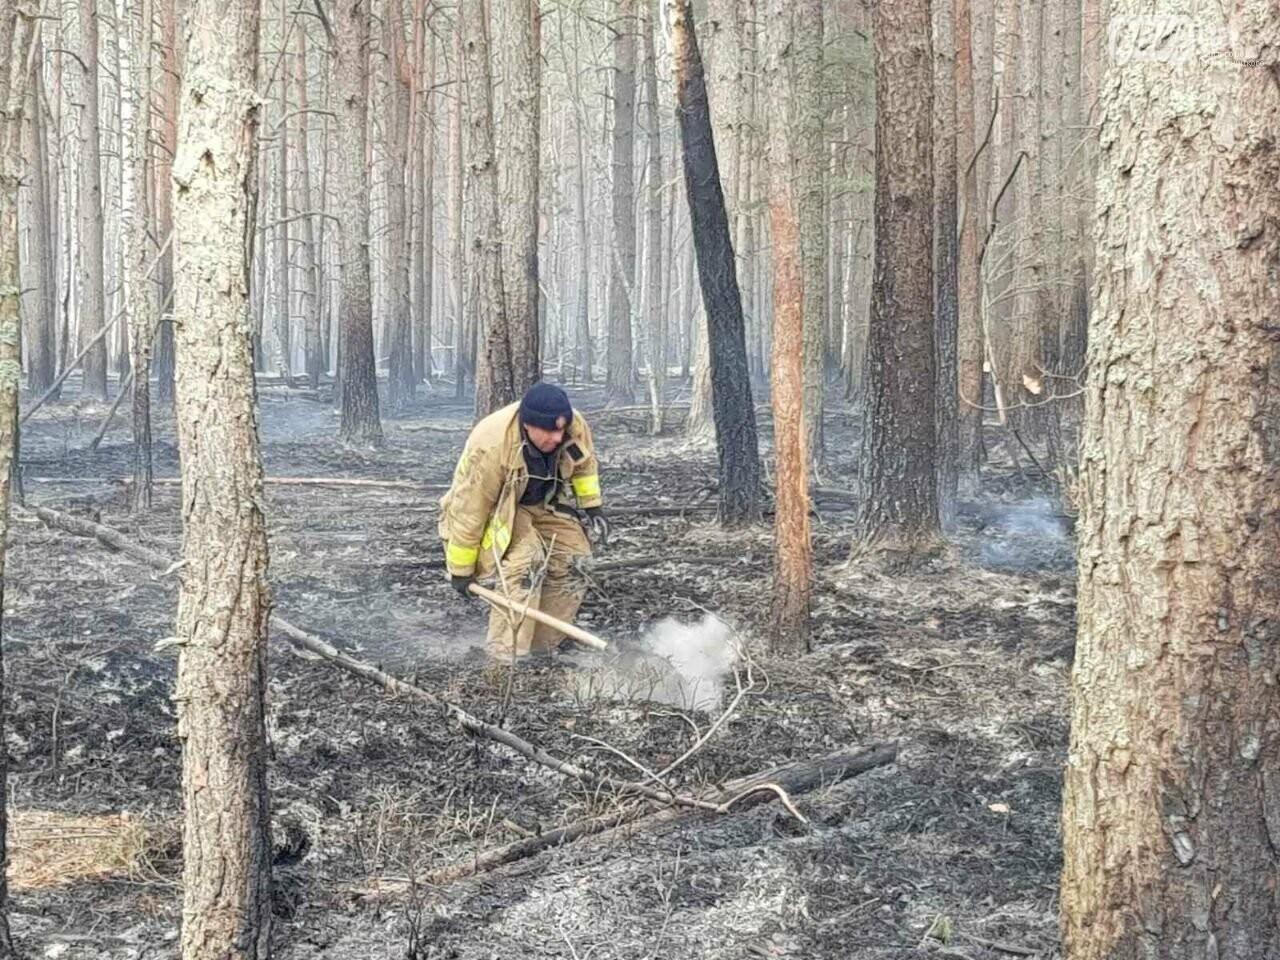 Зведений підрозділ кіровоградського гарнізону допомагає долати лісові пожежі на Київщині, фото-8